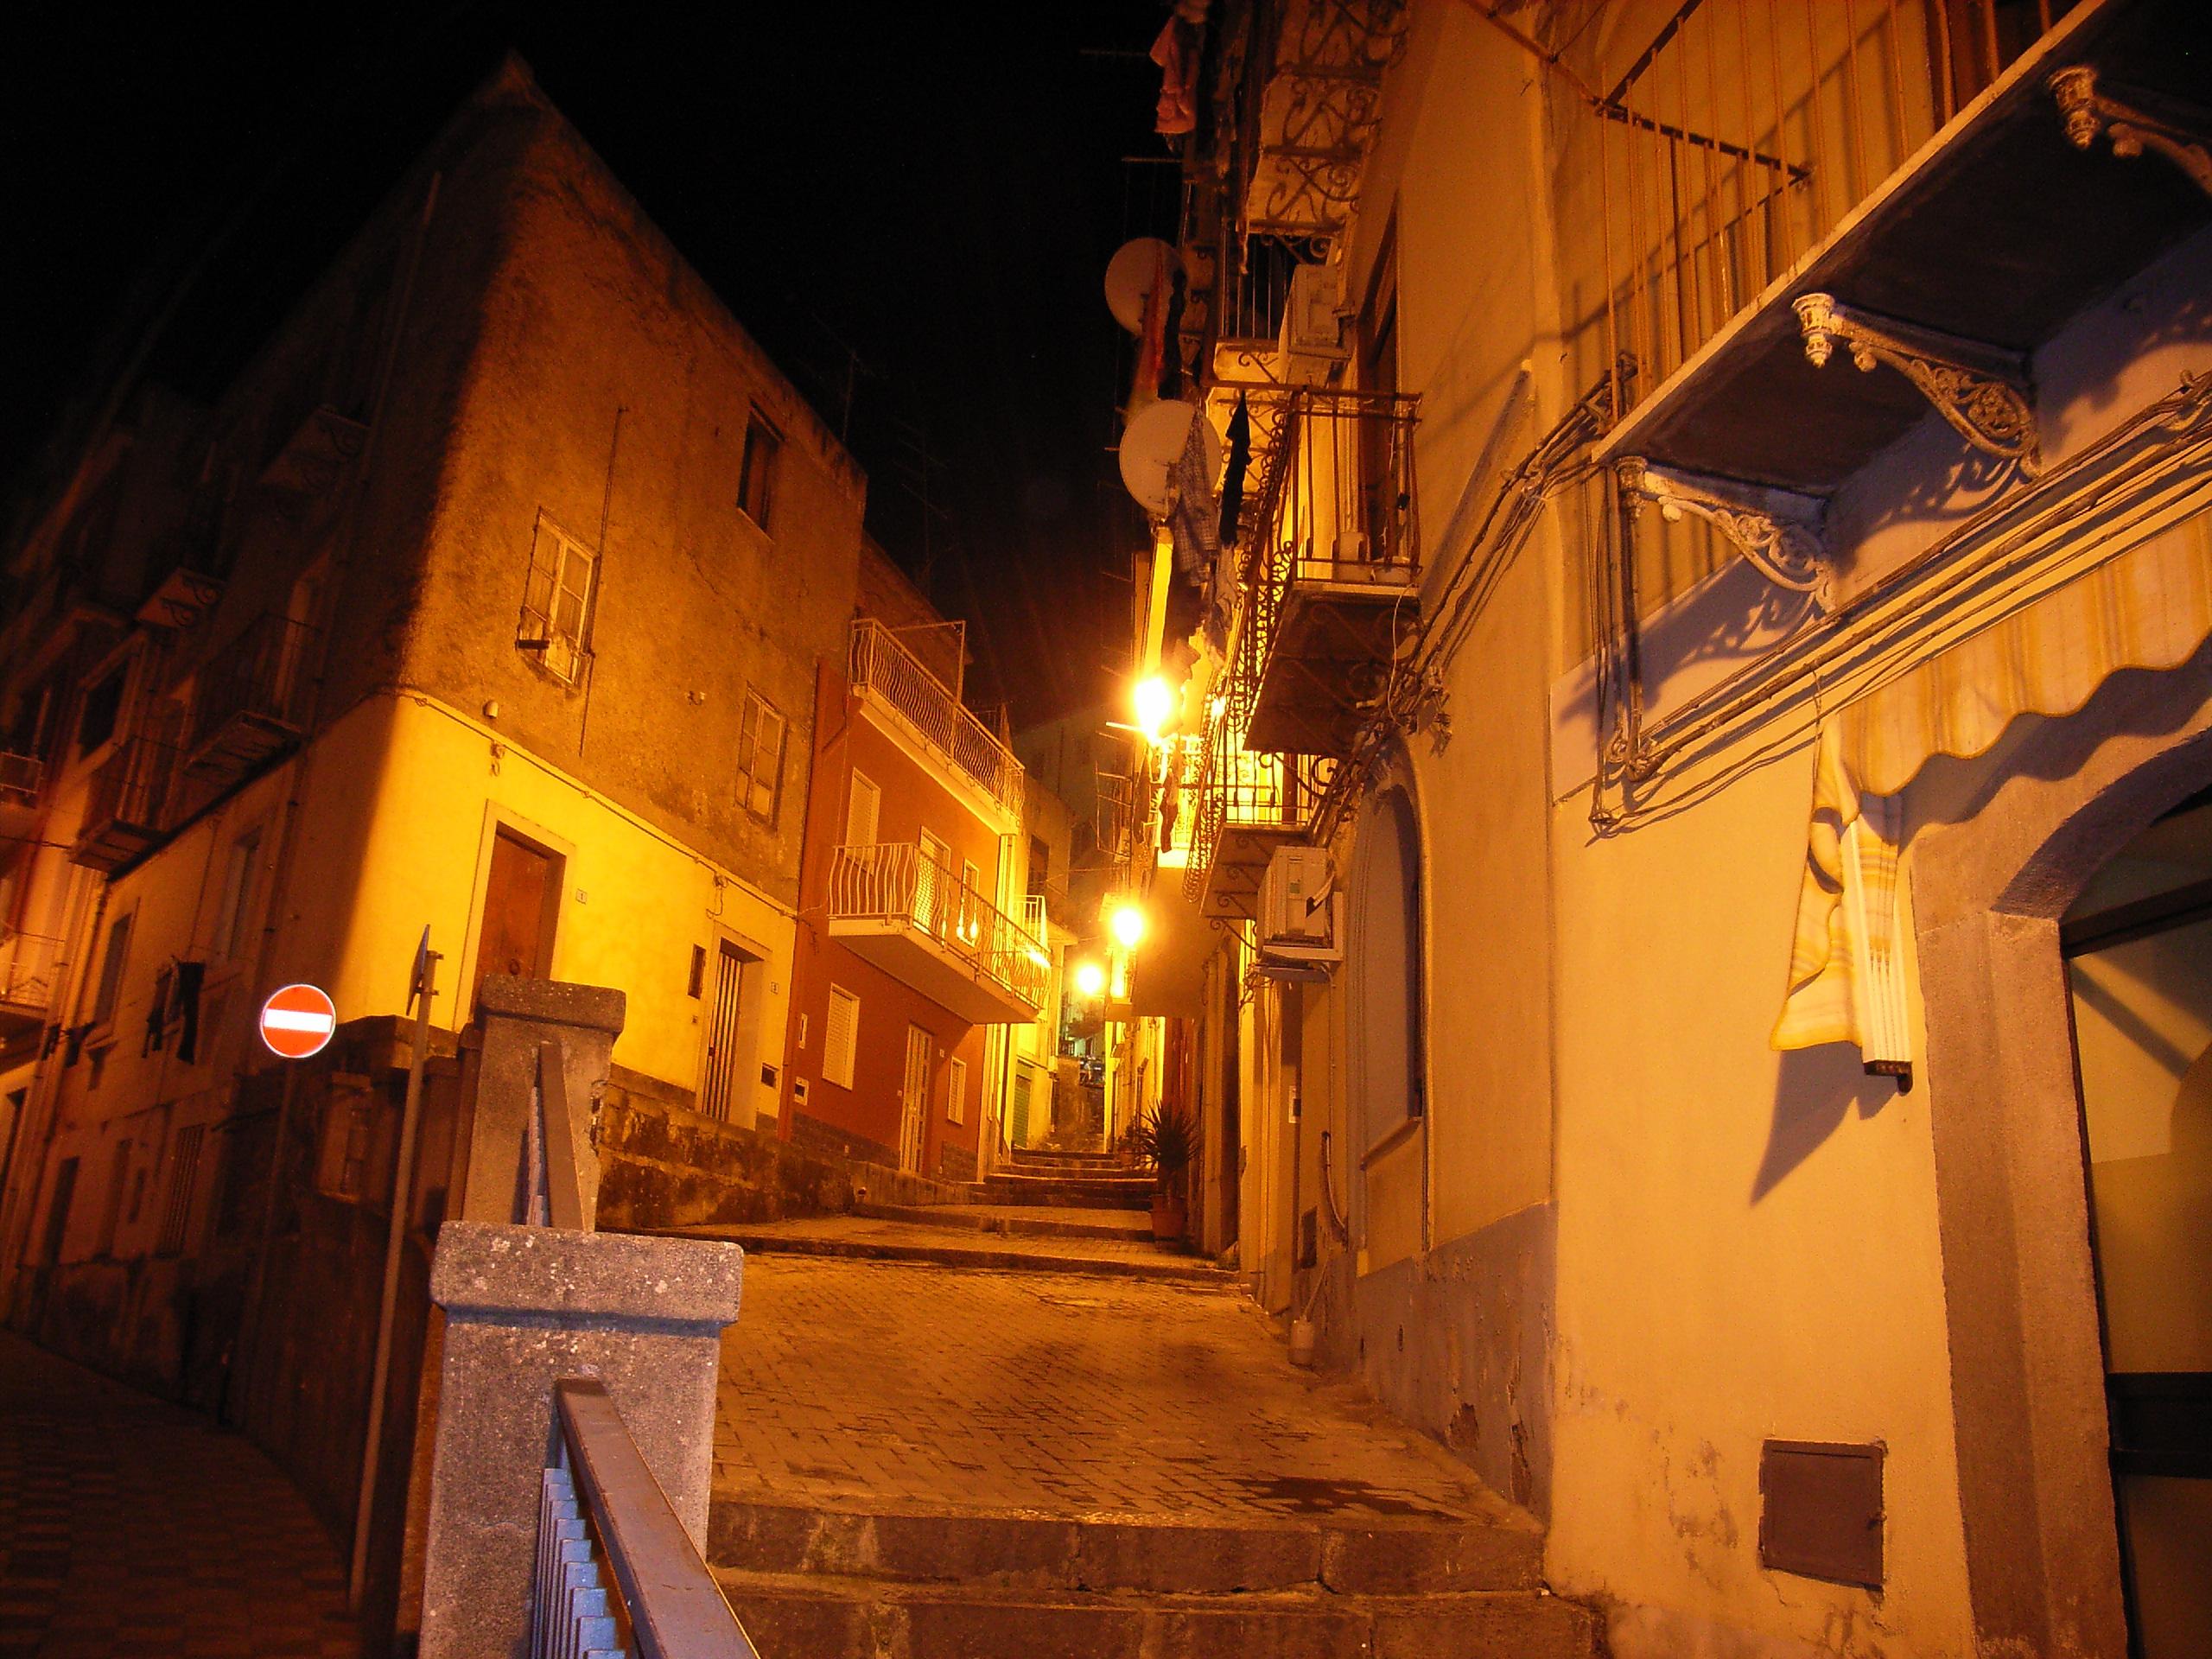 Centro storico di Patti